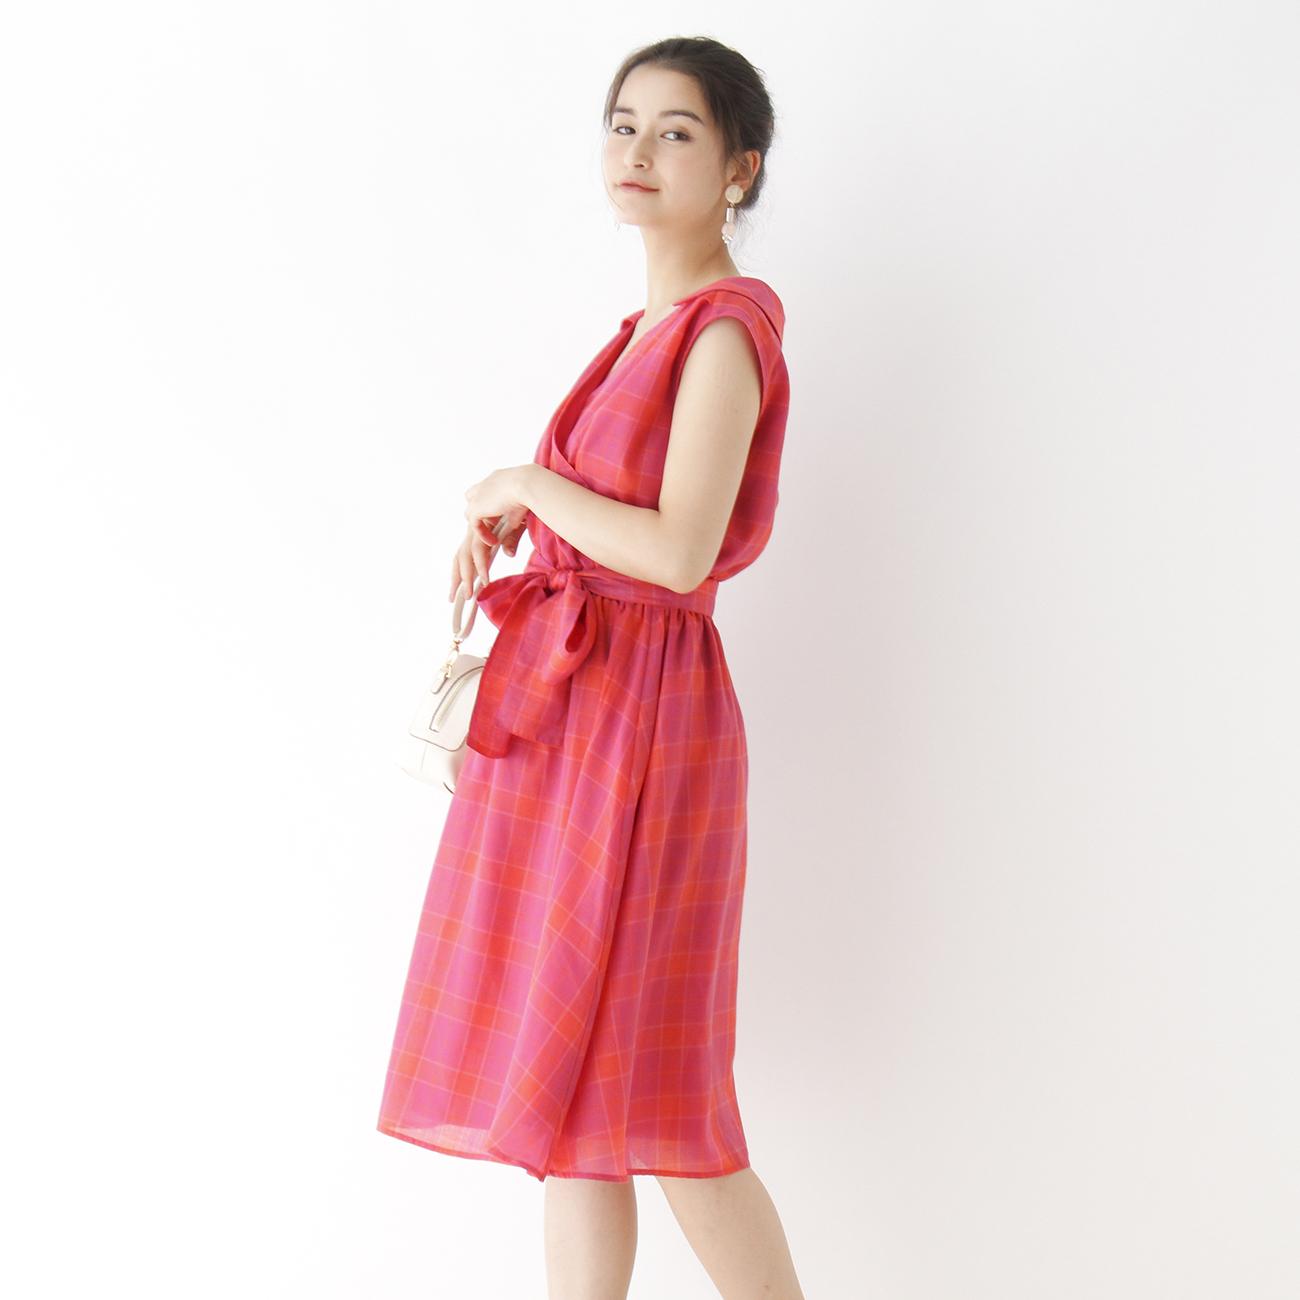 【Couture brooch (クチュールブローチ)】カシュクールチェック柄ワンピースレディース ワンピース ワンピース ラズベリーピンク